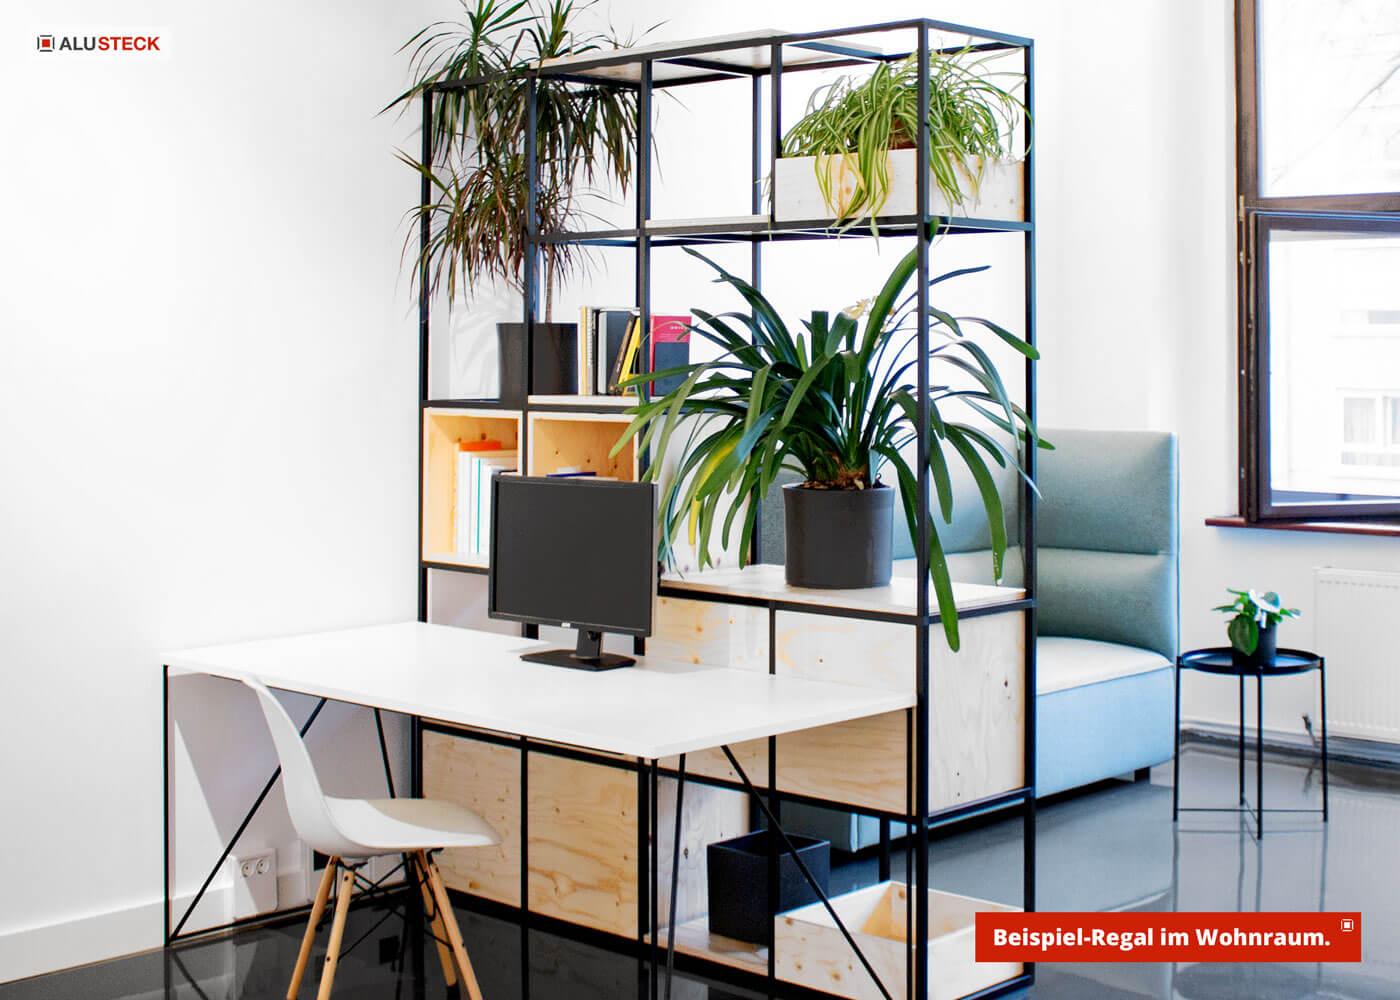 Regal selber bauen - Schöner wohnen mit Holzregal oder Aluregal - Möbel Metall / Holz